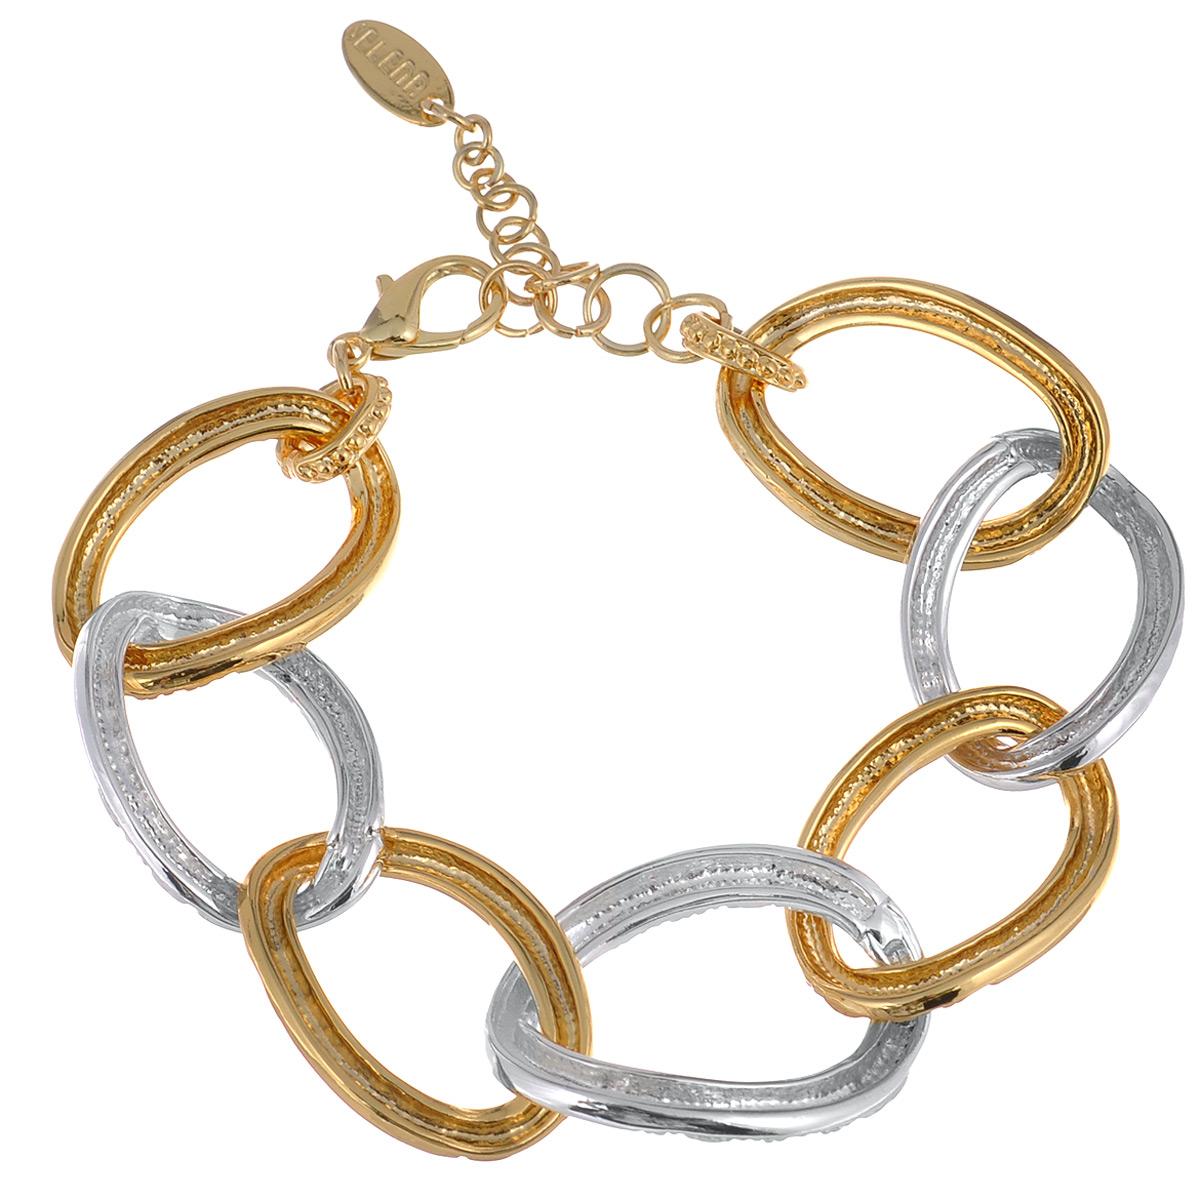 Браслет Selena Medea, цвет: золотистый, серебристый. 4005196040051960Оригинальный браслет Selena Medea выполнен из металла с гальваническим покрытием родием и золотом. Модель выполена в виде цепочки из очень крупных звеньев. Браслет застегивается карабином с цепочкой. Длину можно регулировать. Украшения Медея – это стильная и лаконичная классика, изделия, которые выглядят как дорогие дизайнерские ювелирные украшения.